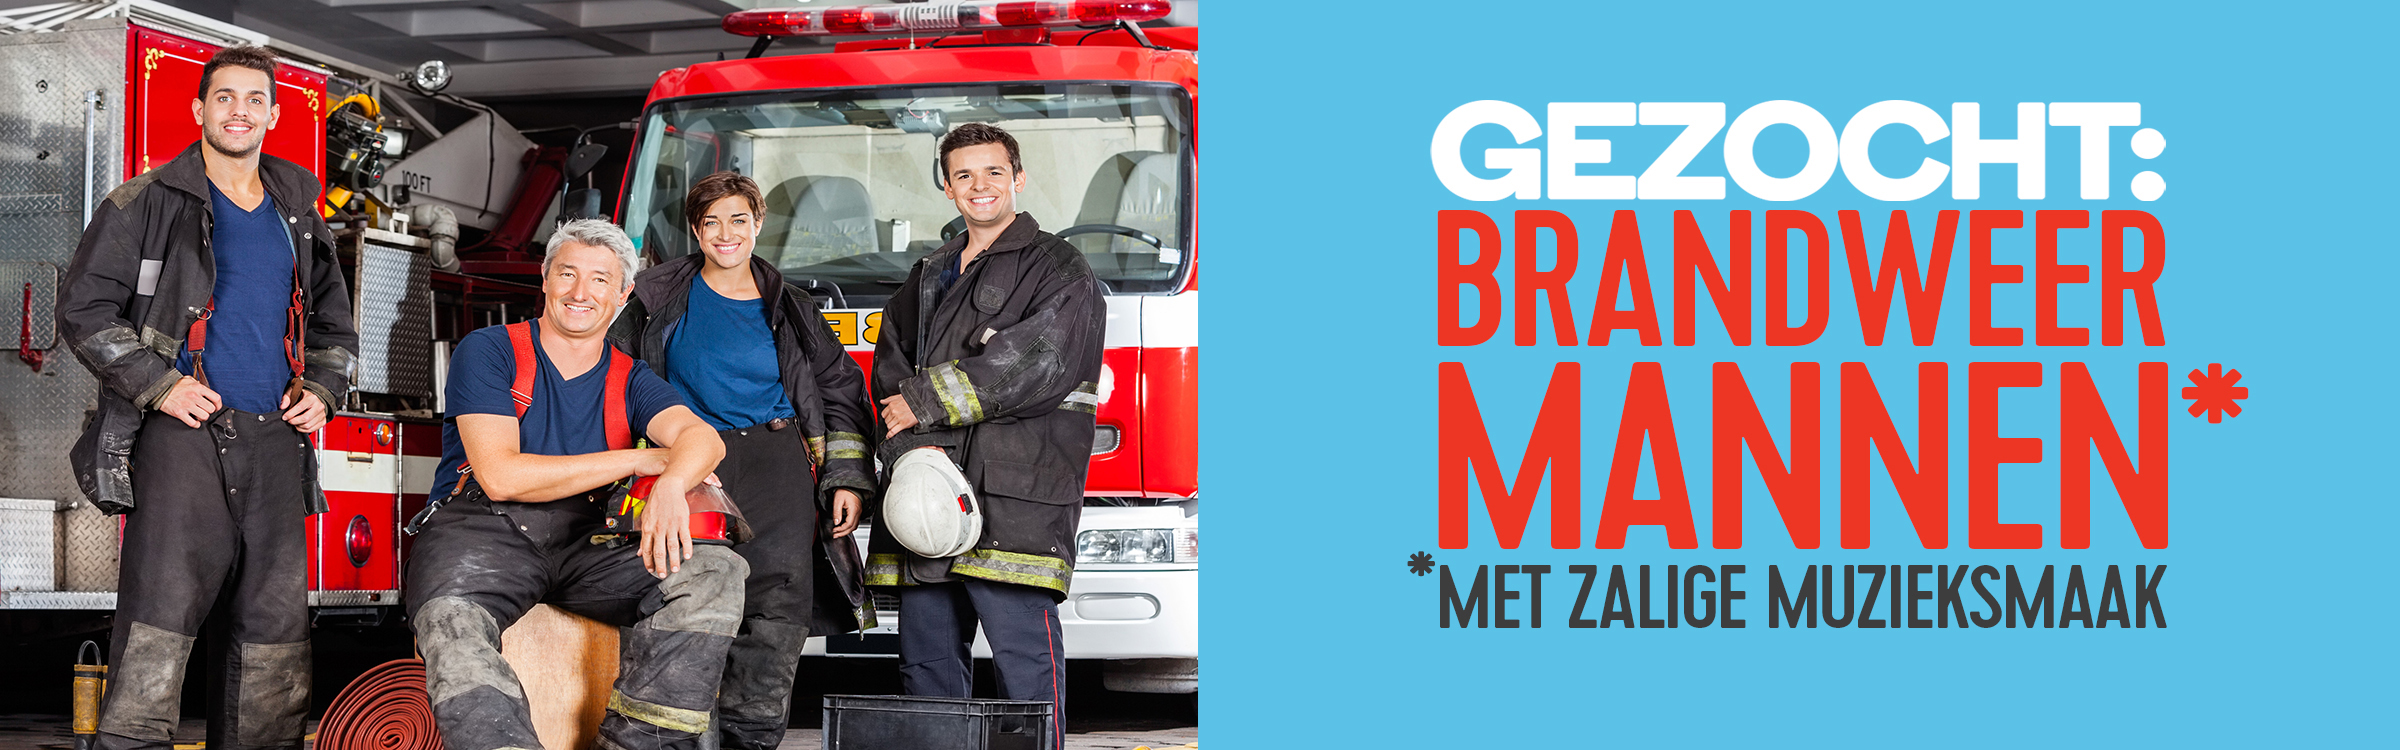 Brandweer header image